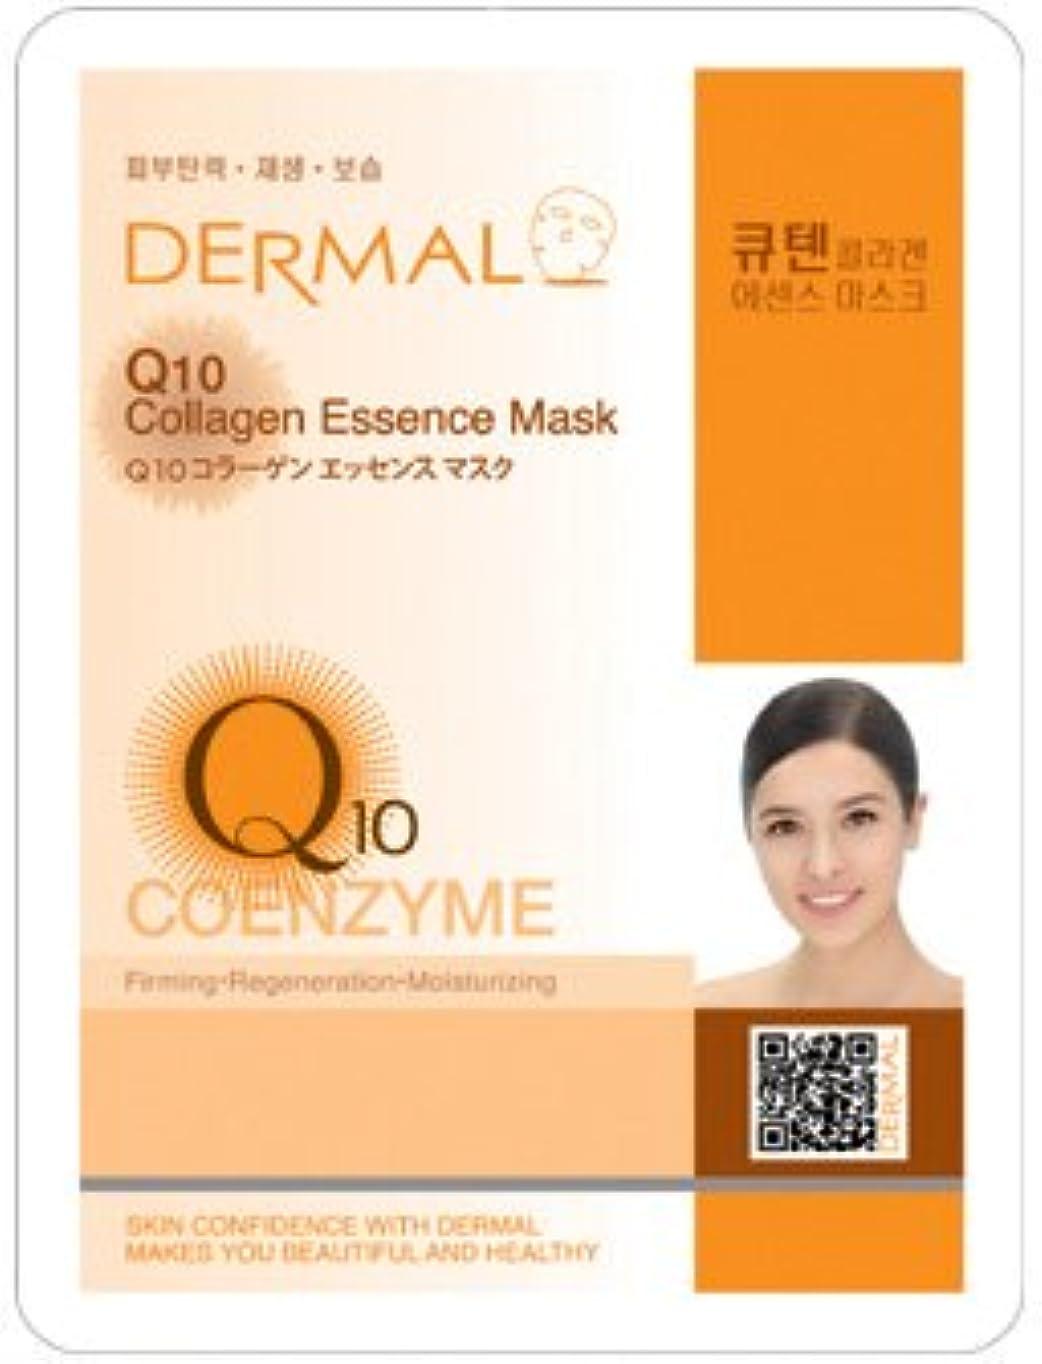 怖い愚かな何よりもシートマスク Q10 コエンザイム 100枚セット ダーマル(Dermal) フェイス パック